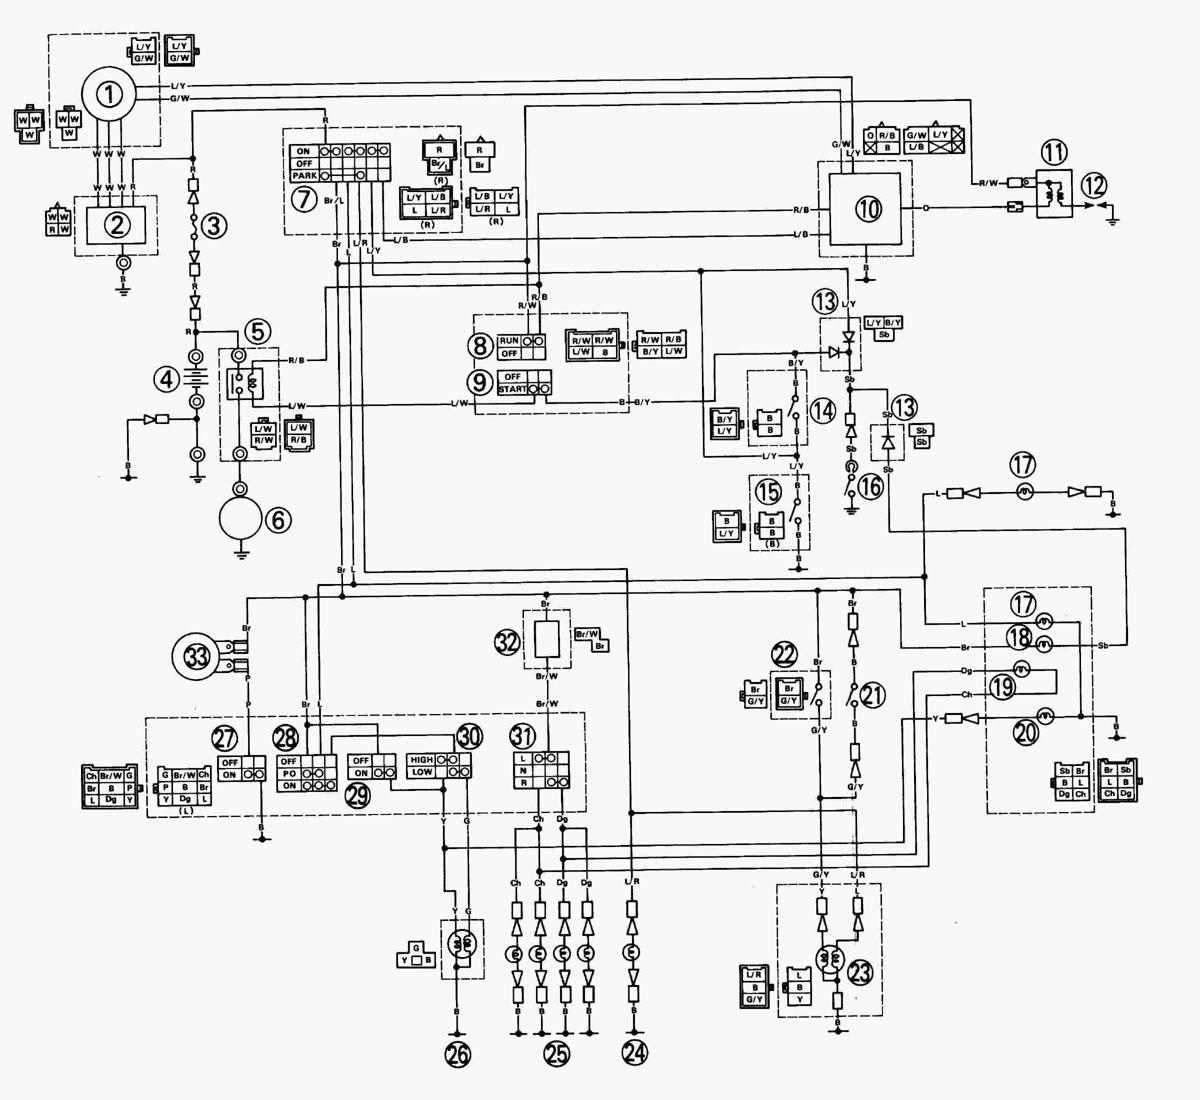 Xt 600 wiring diagram free download wiring diagrams